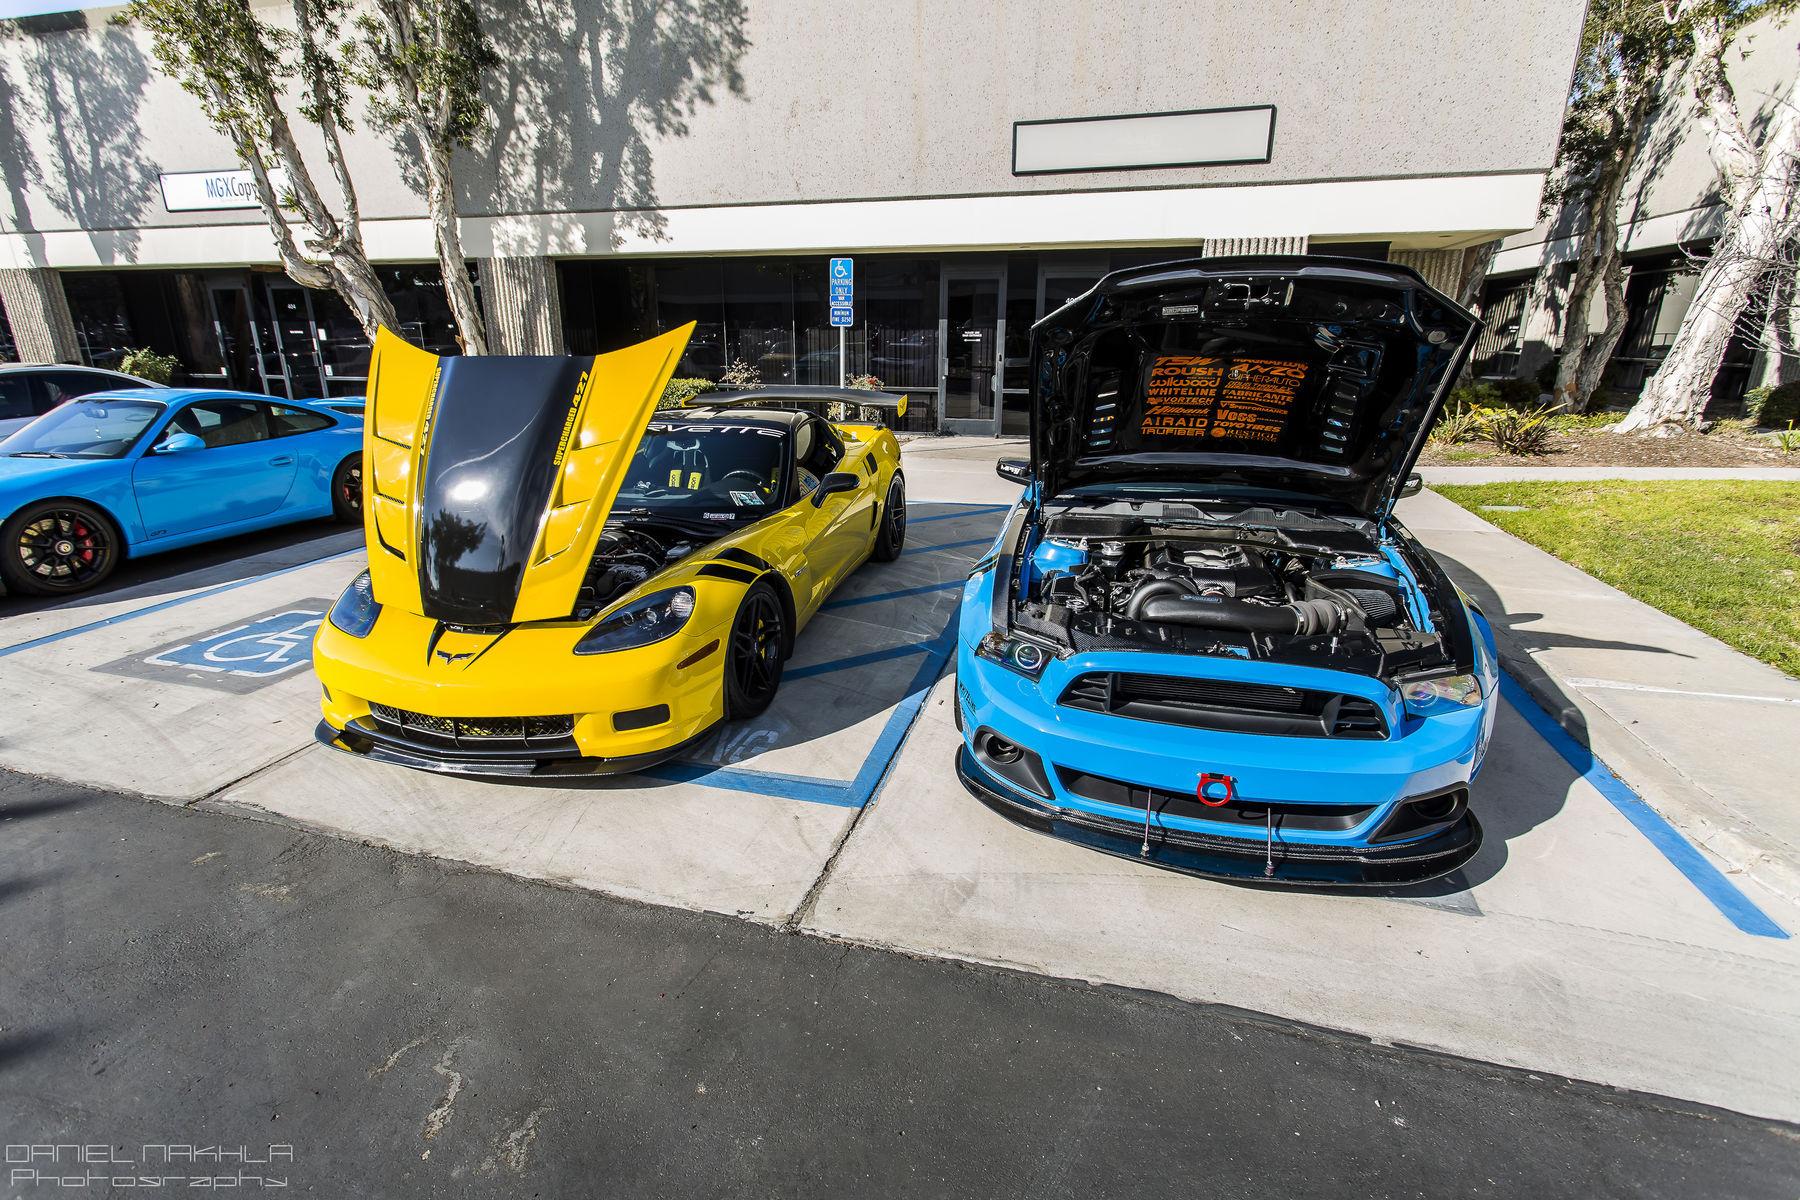 2008 Chevrolet Corvette Z06 | San Diego Cars & Coffee February 13th, 2016